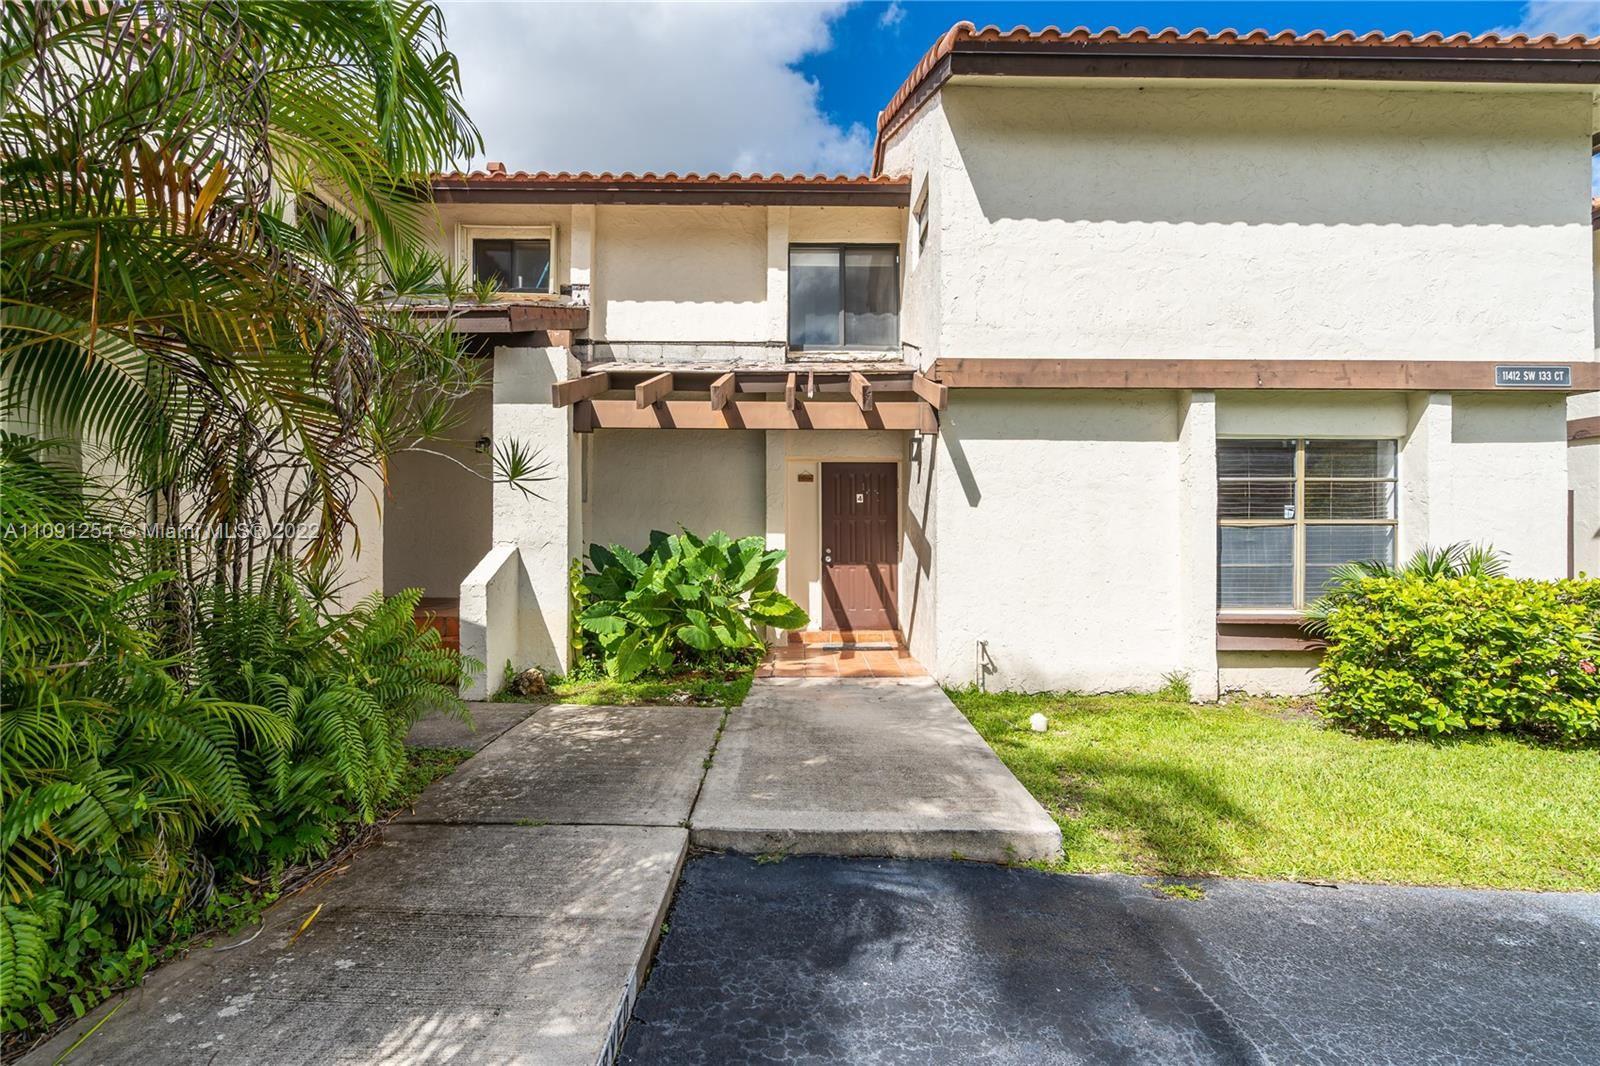 11412 SW 133rd Ct #58-4, Miami, FL 33186 - #: A11091254